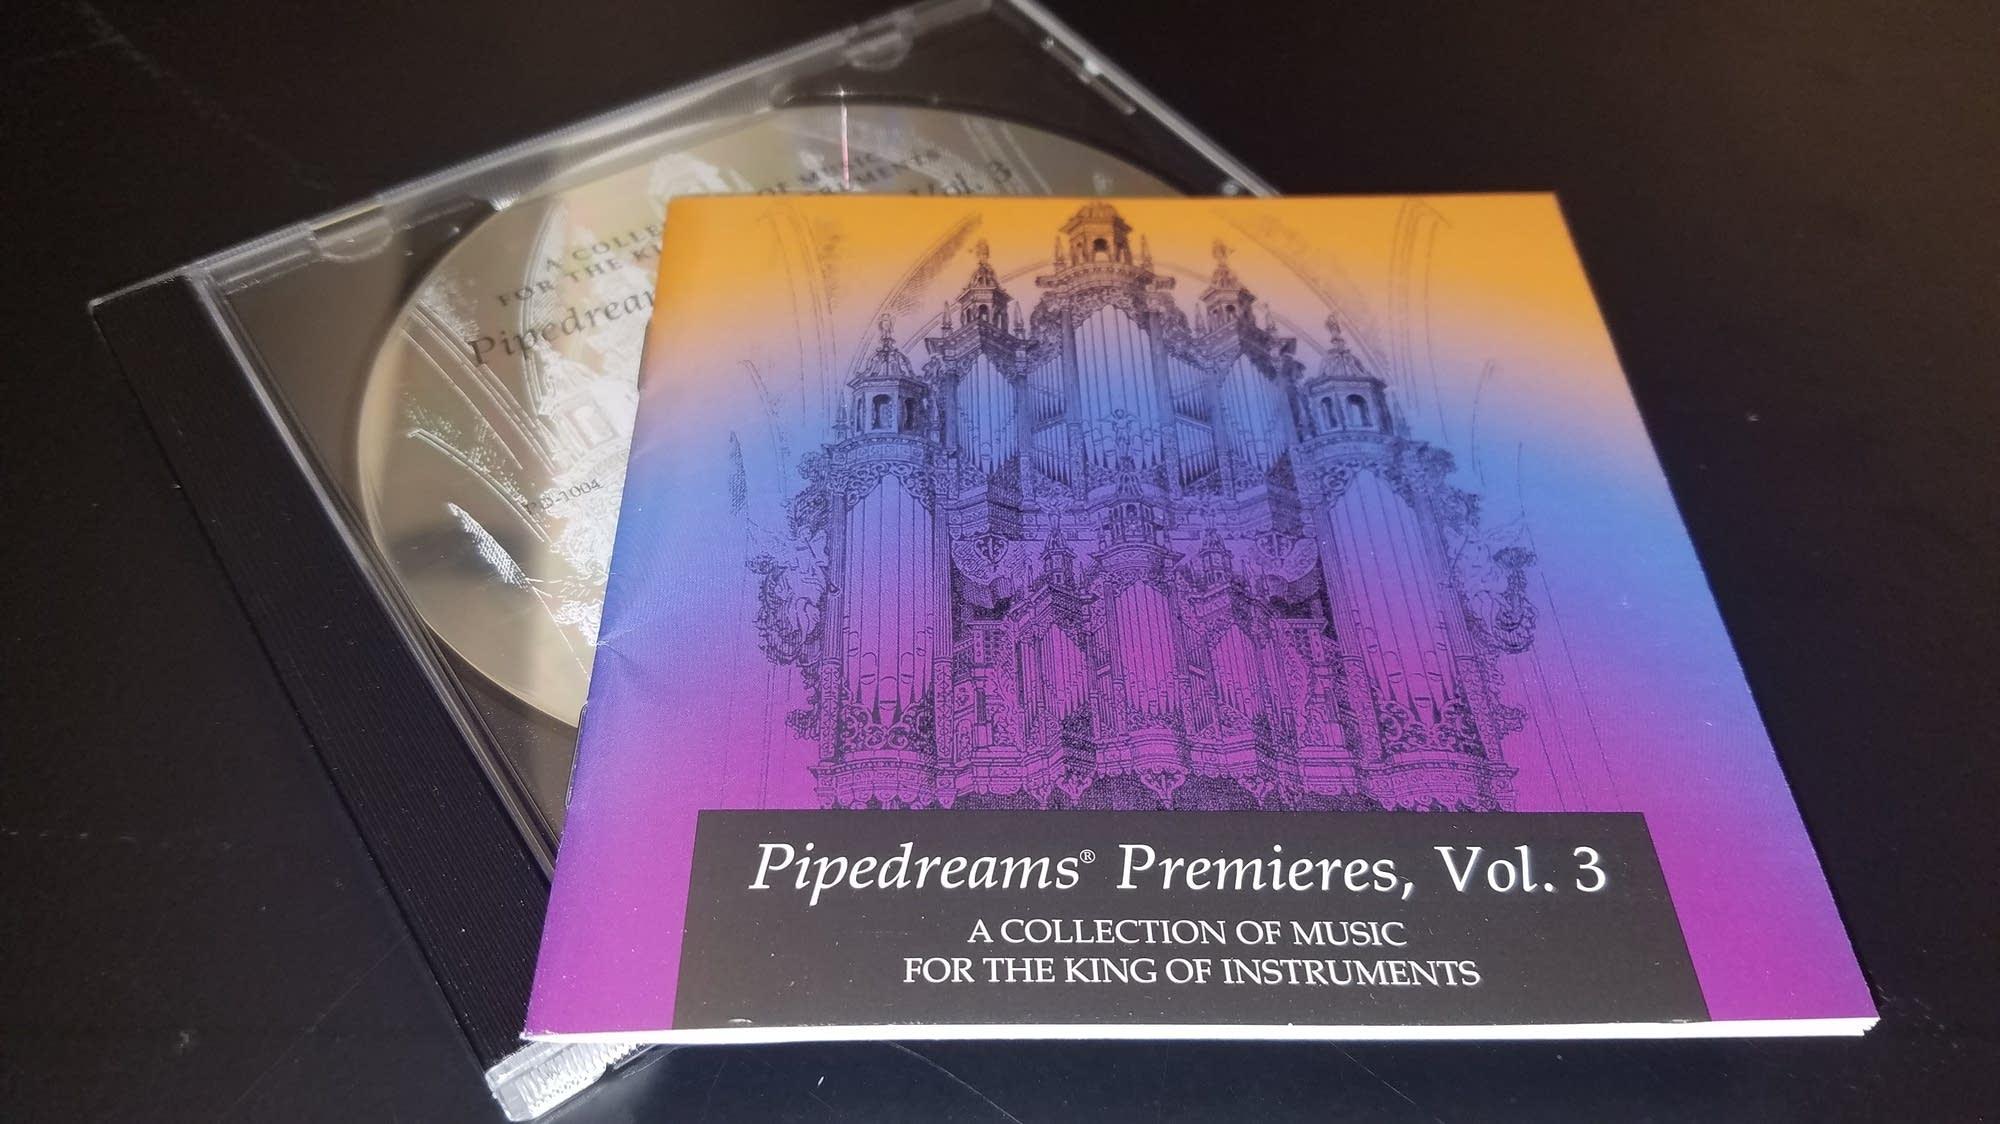 Pipedreams Premieres, Vol. 3